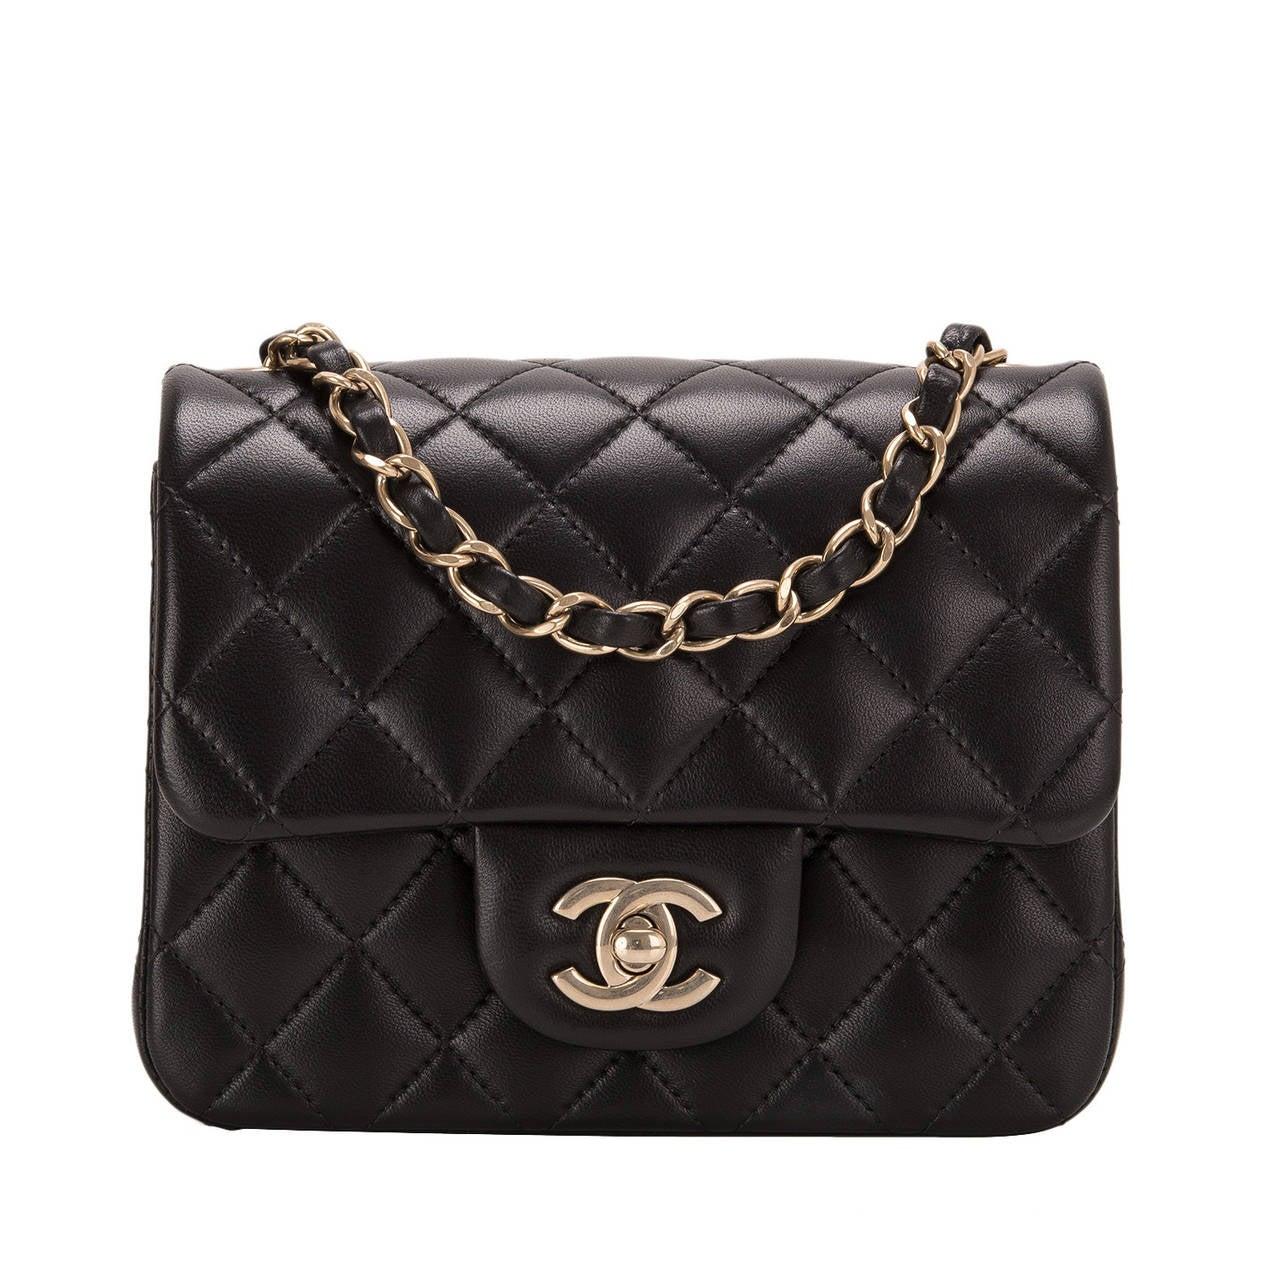 e0d649619e6 Chanel Purse Classic Black